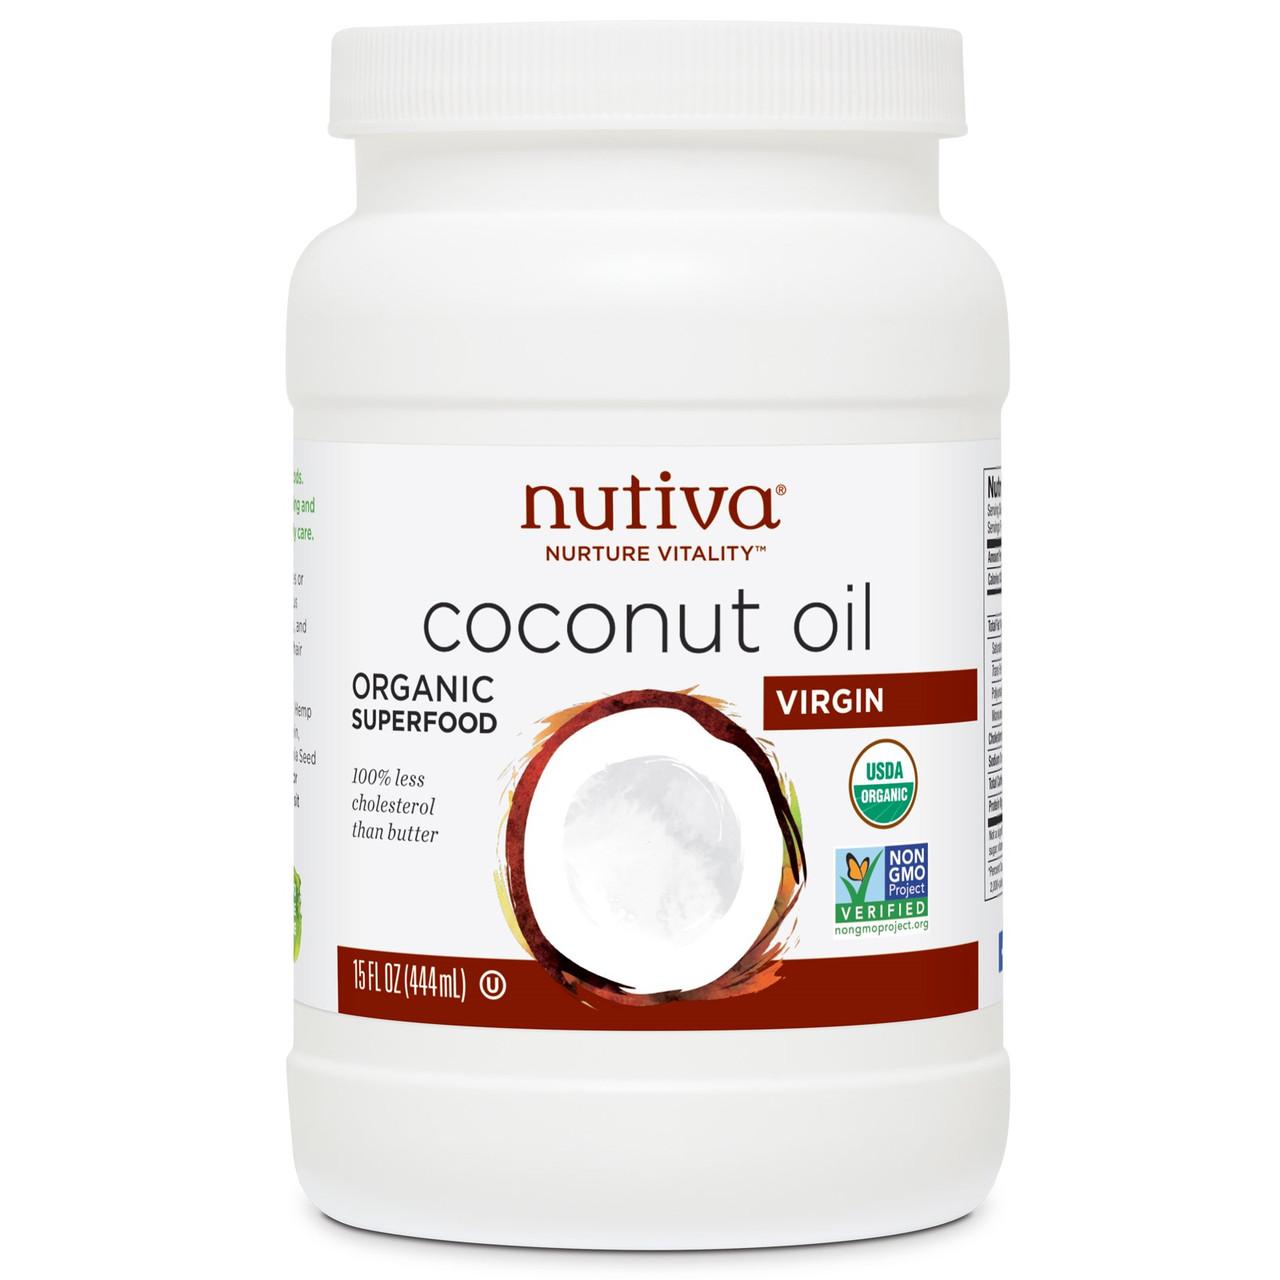 Органическое кокосовое масло первого отжима Nutiva Nurture Vitality, (съедобное), 444 мл